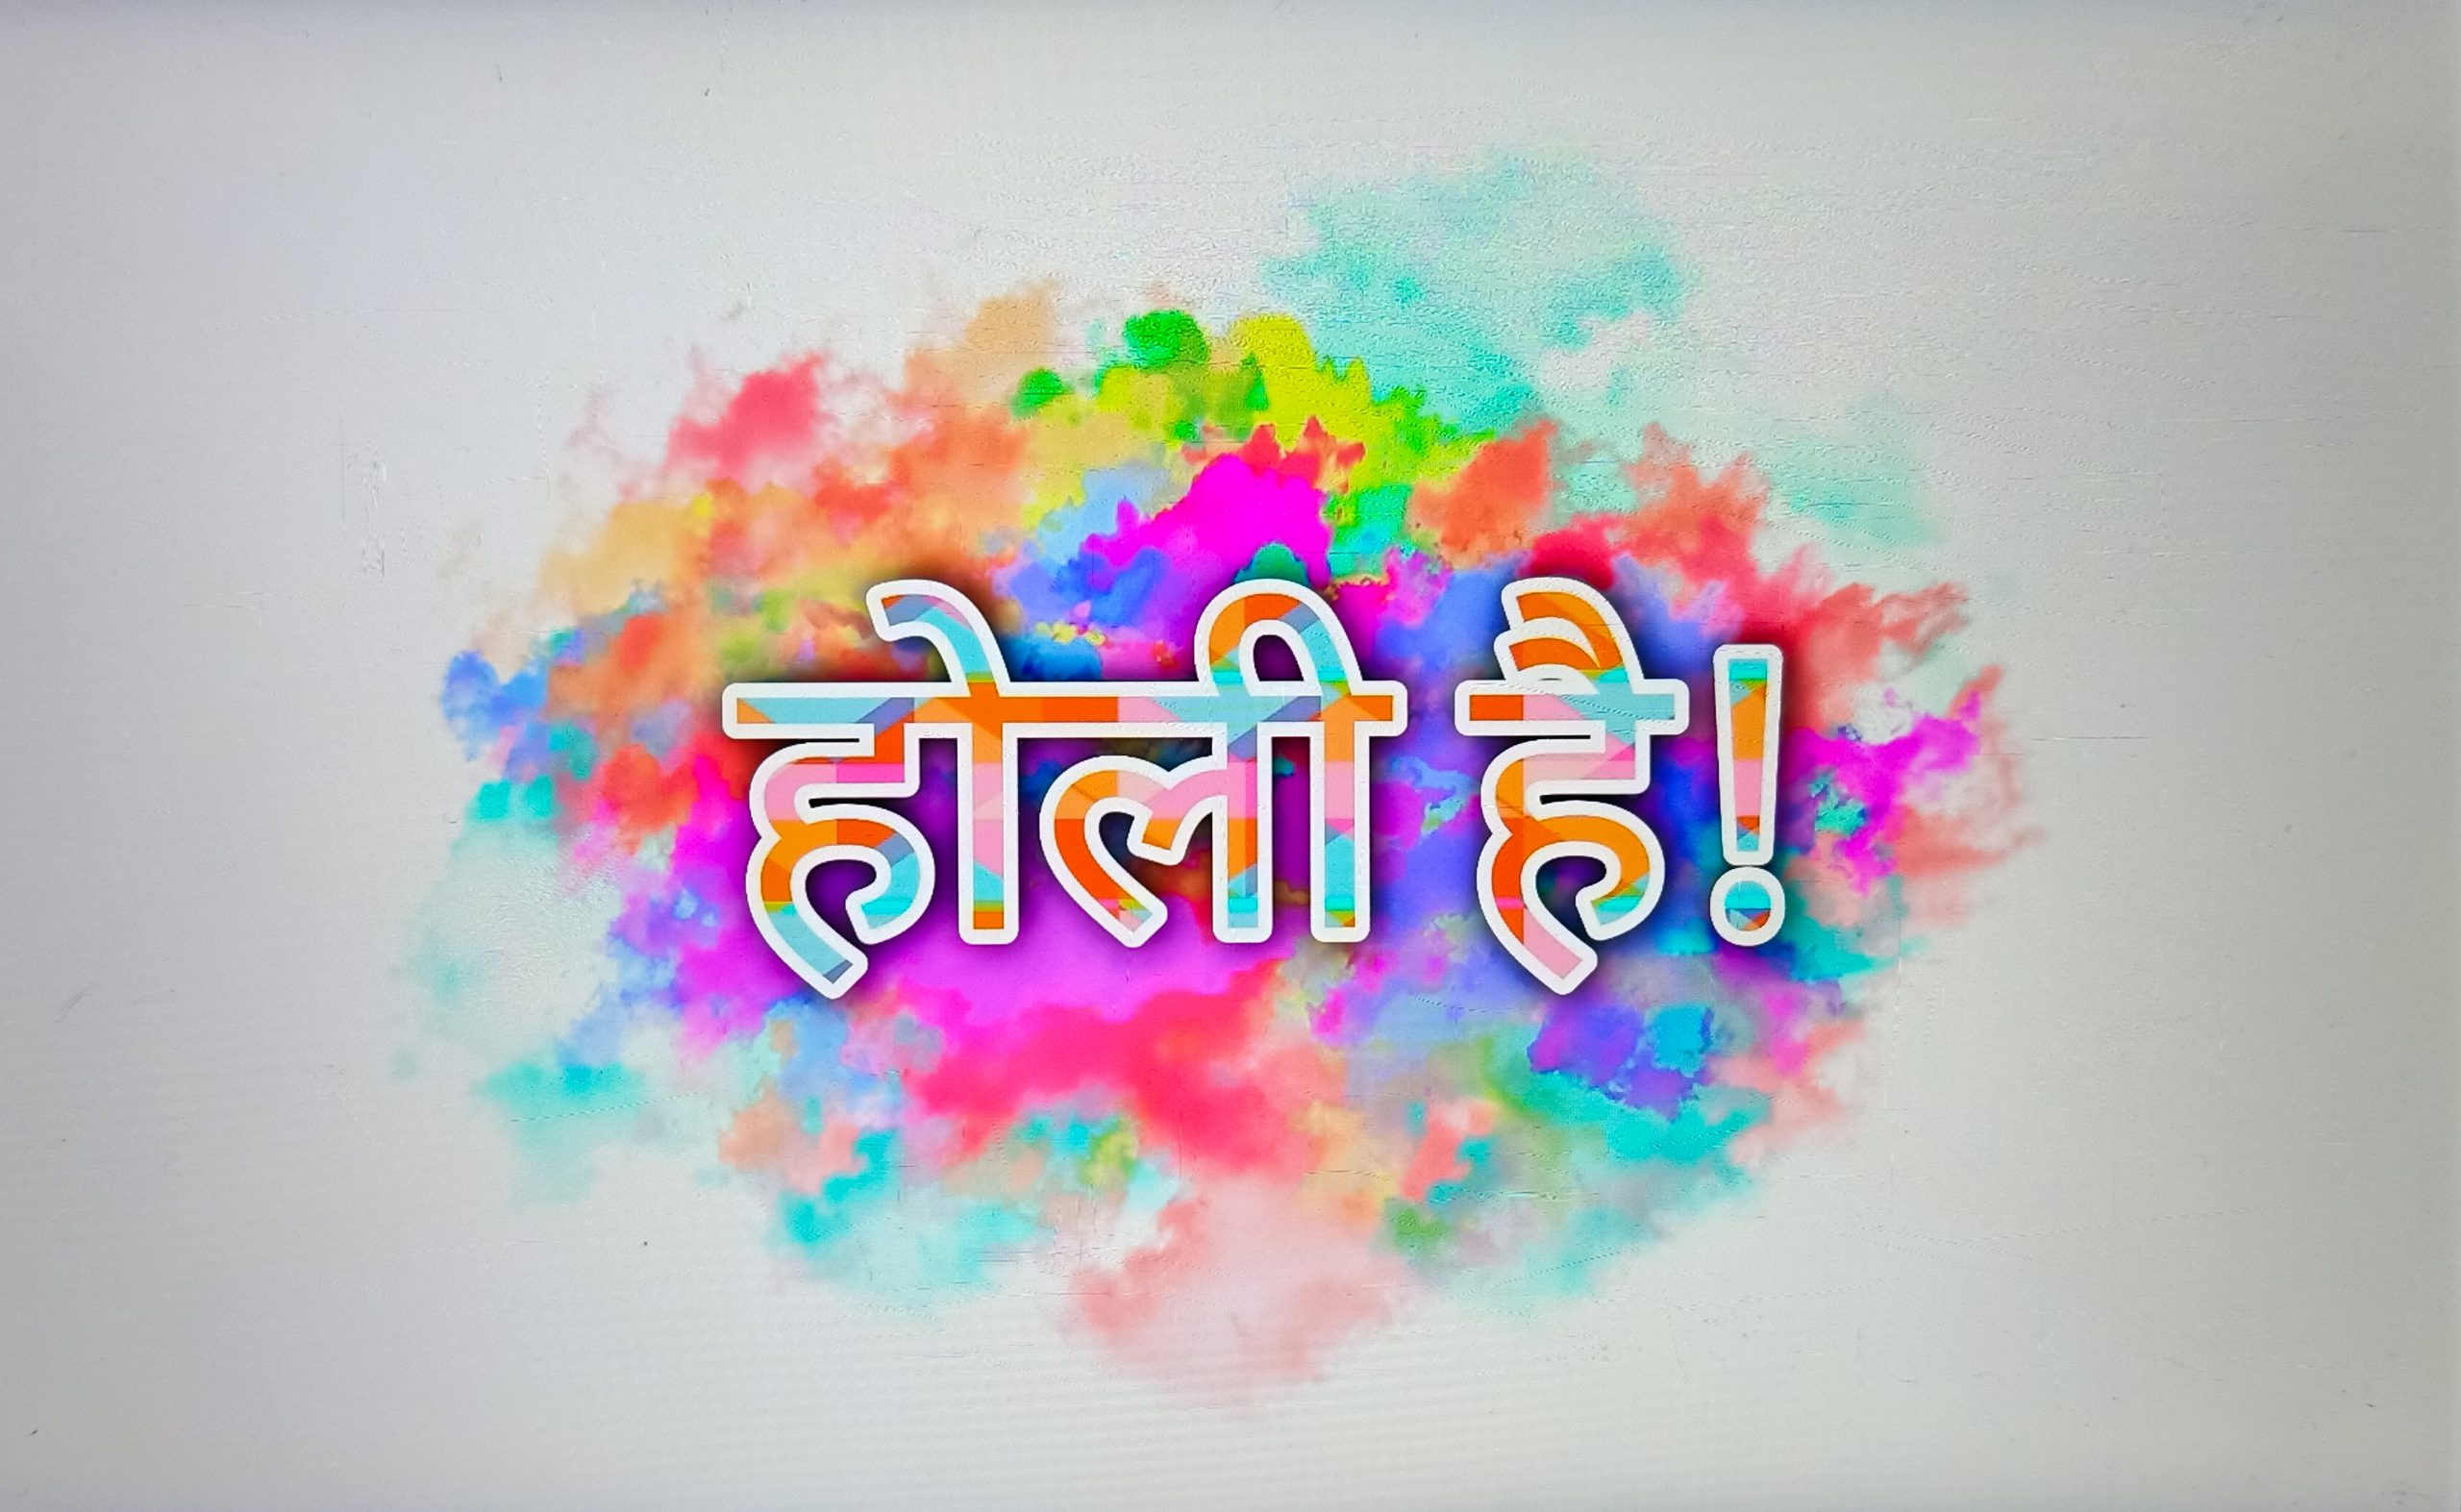 Holi Greetings illustration